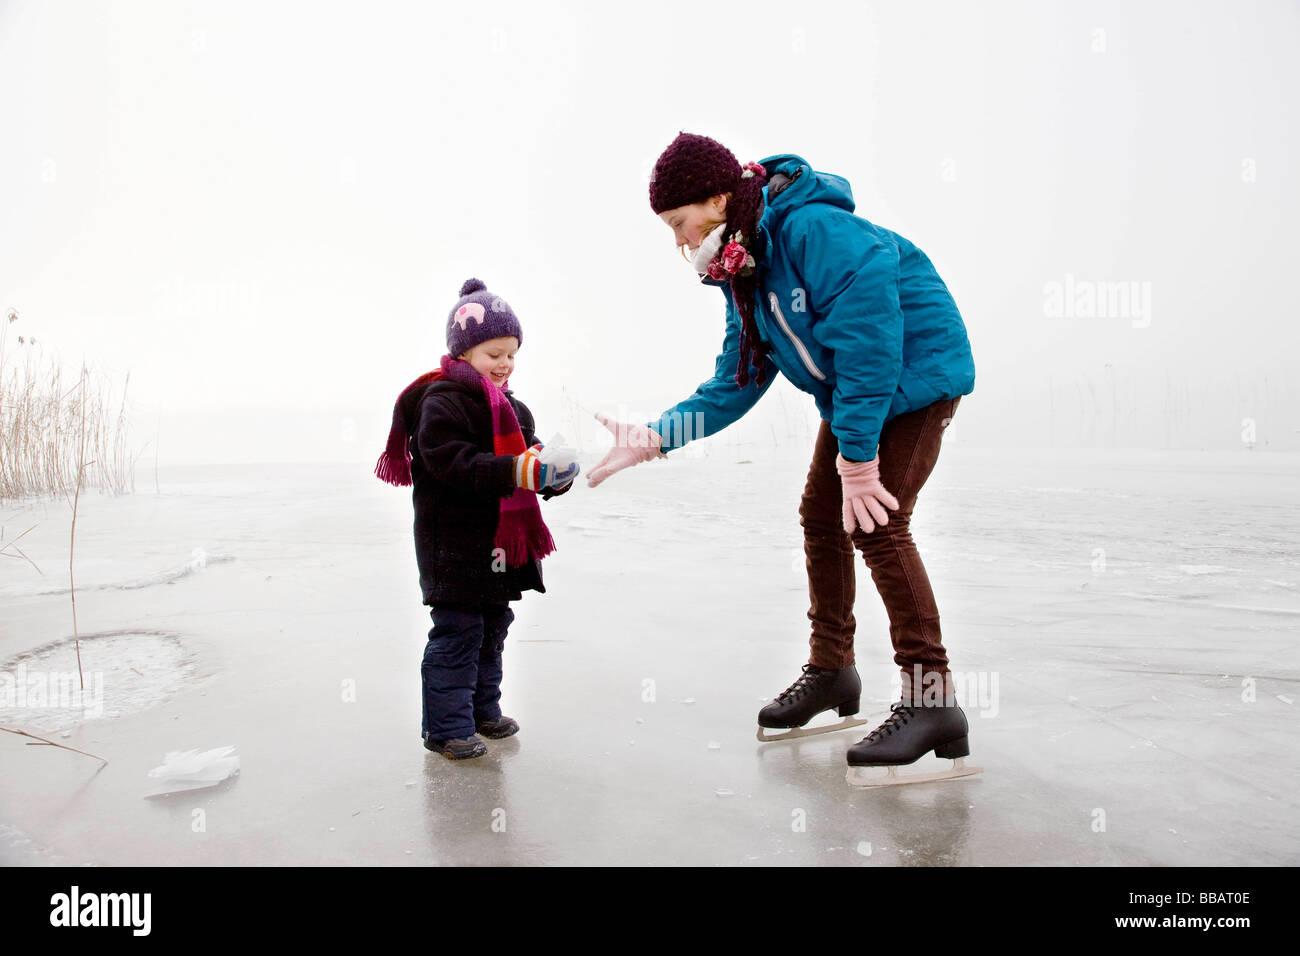 Niña y Niño iceskating en lago congelado Imagen De Stock